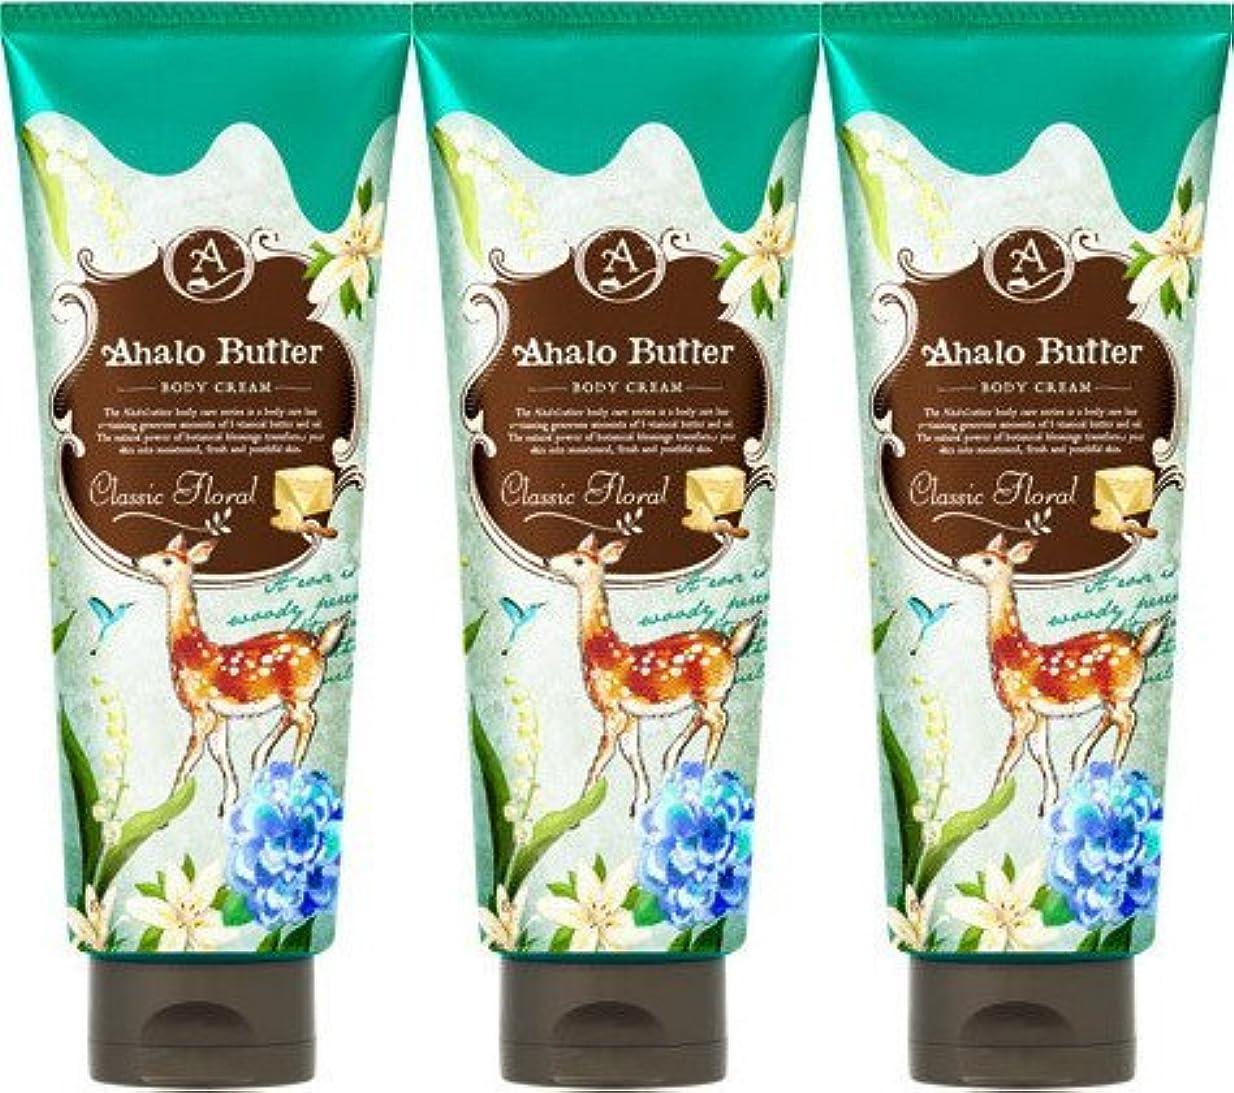 【3個セット】Ahalo butter(アハロバター) ボディクリーム クラシックフローラル 150g